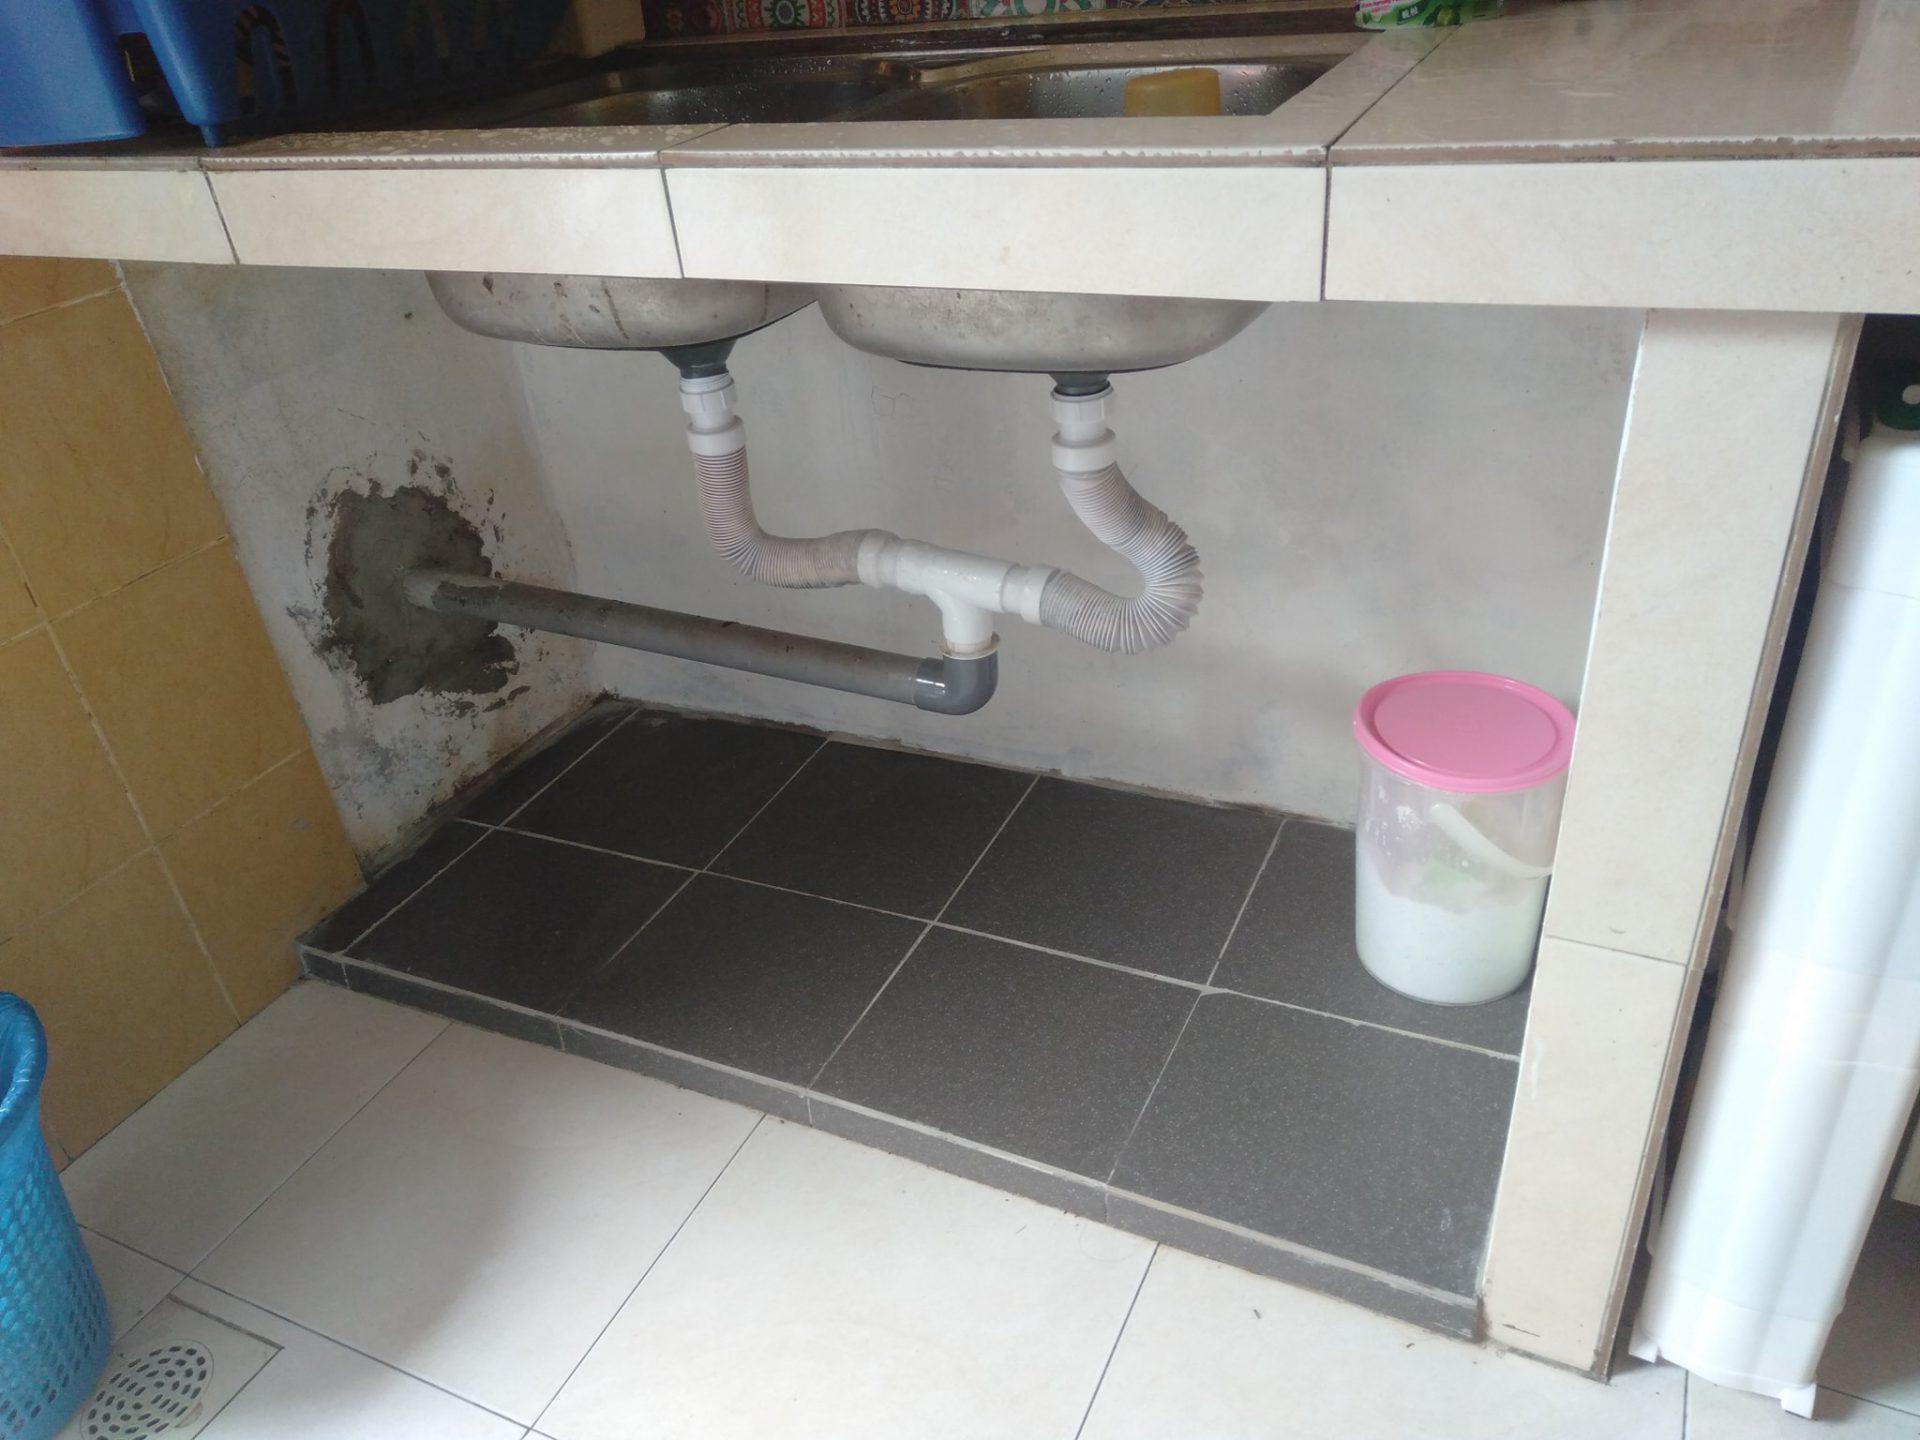 D.I.Y Kabinet Dapur, Mudah Tempah Pintu Dekat Shopee Tinggal Pasang Je 3